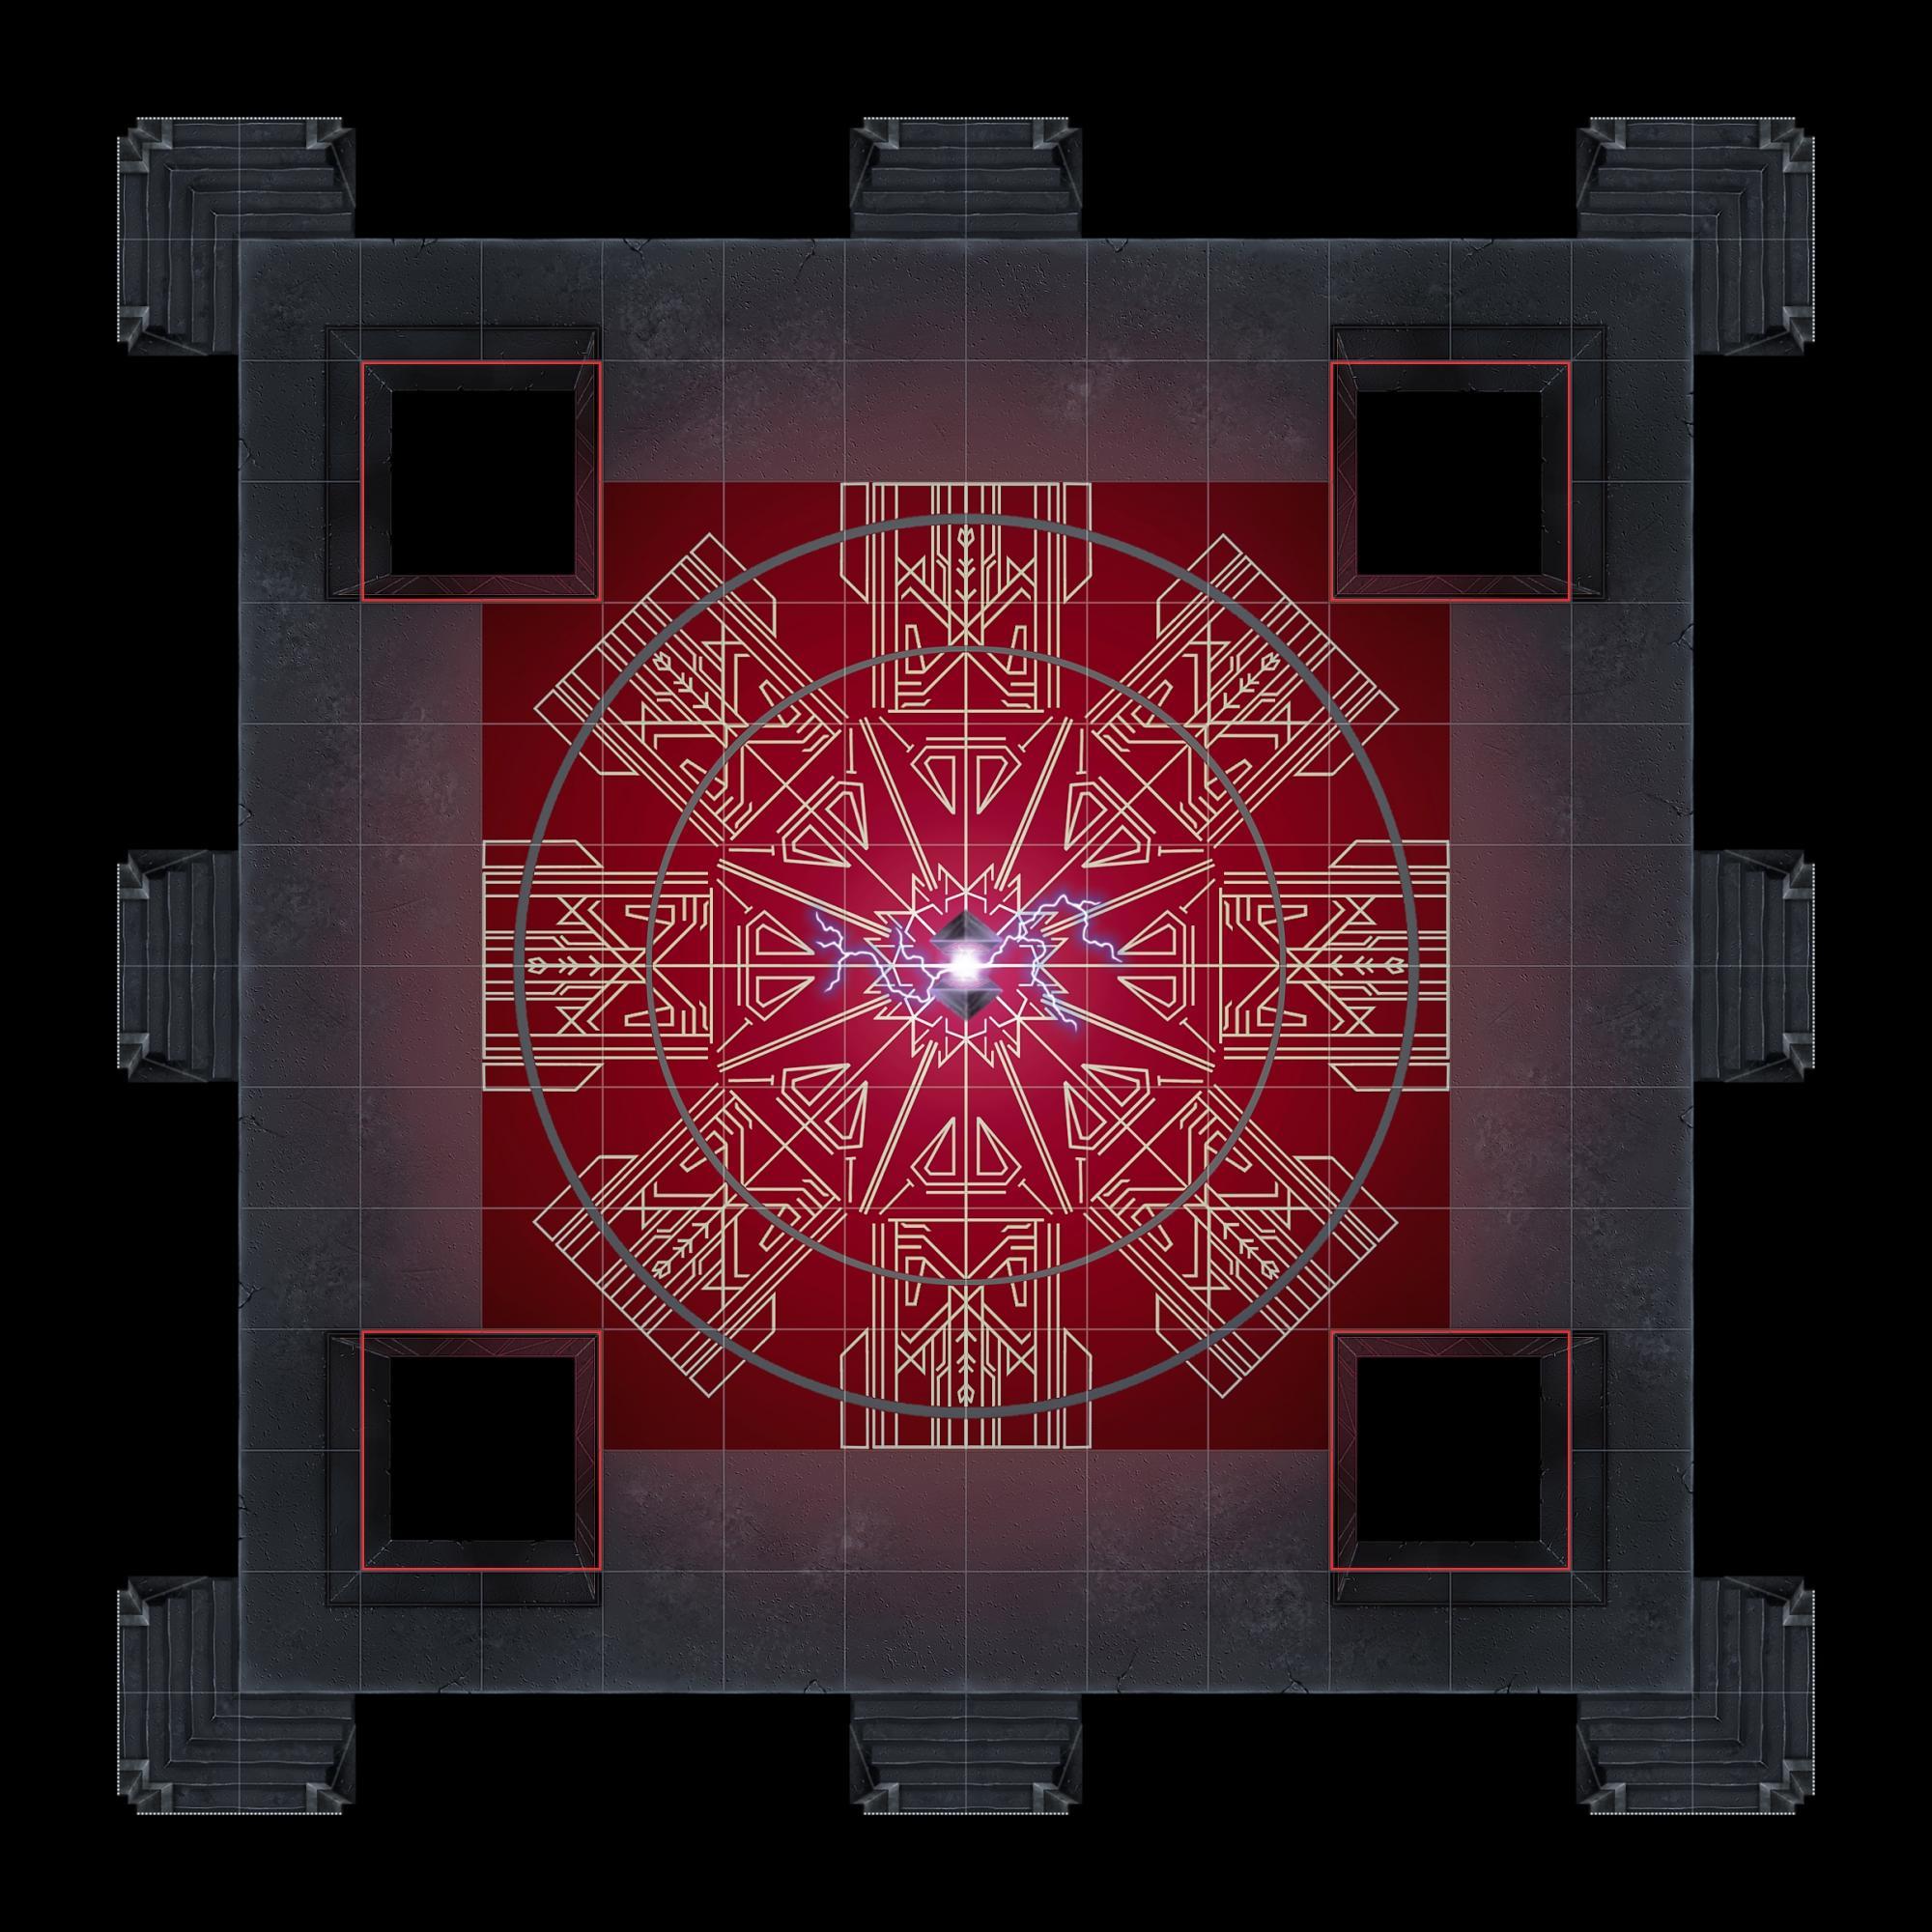 mapMalachor2.jpg.69825ab350c999e94da8fed